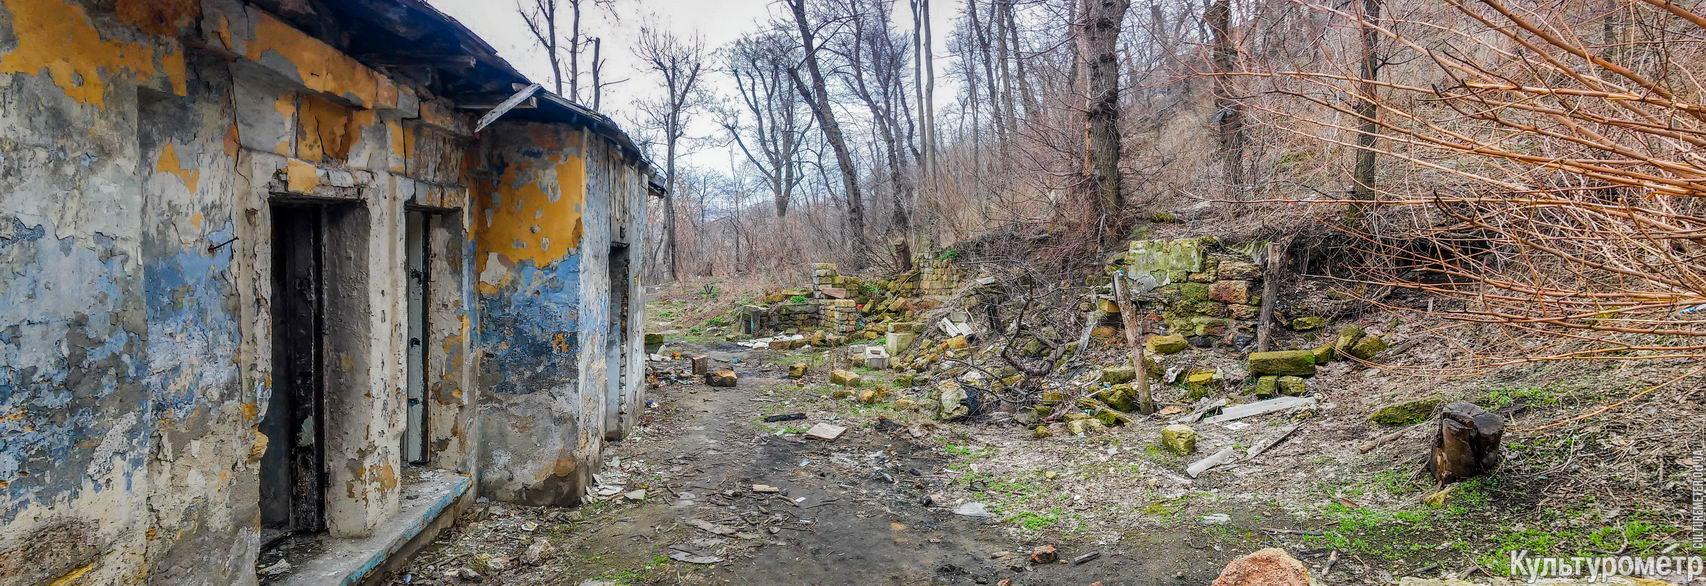 20160224_141713_1%2BPanorama Сегодняшняя Одесса: ужас возле мэрии города (ФОТО)